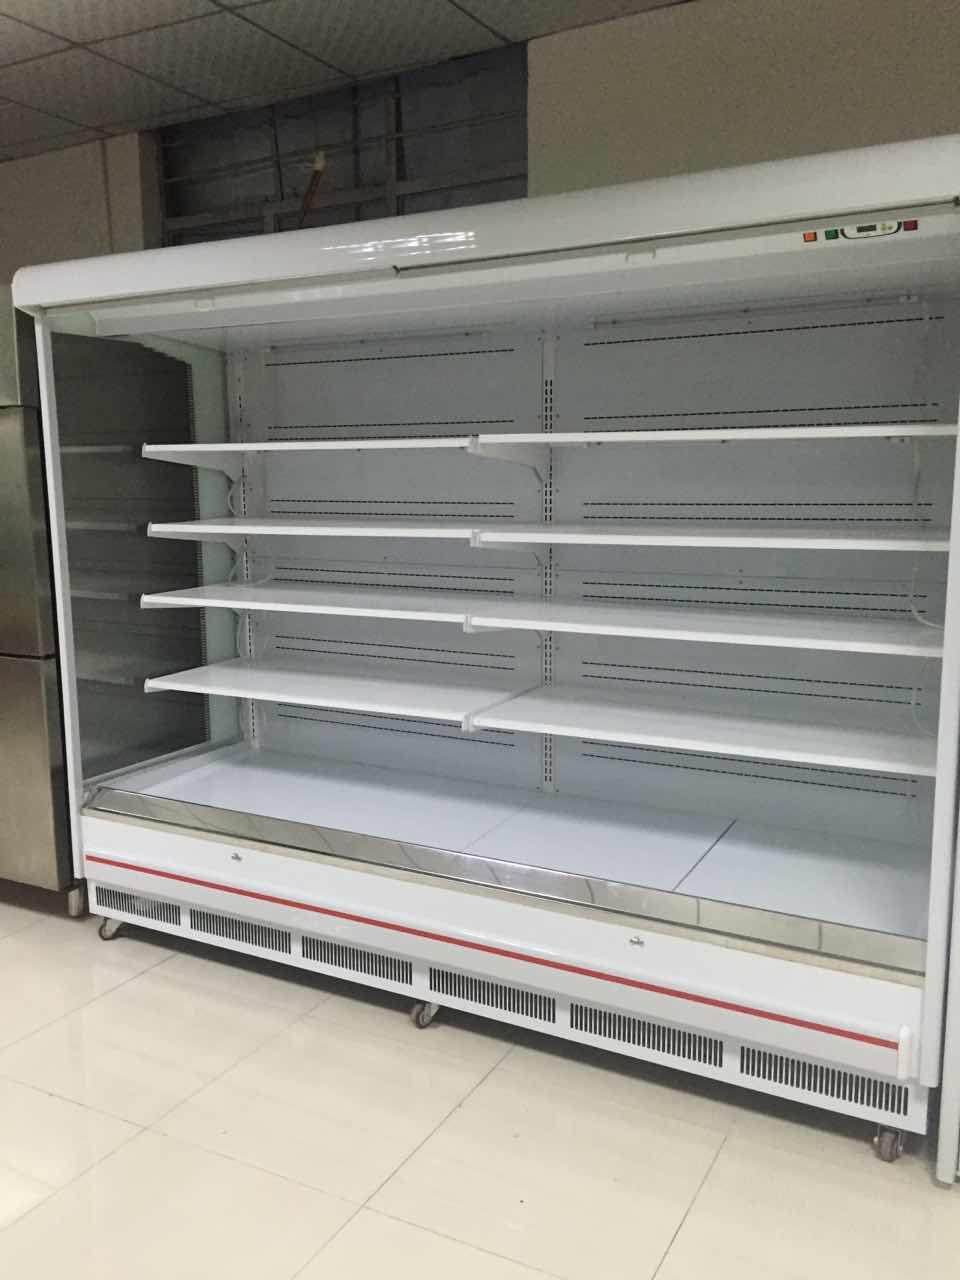 供应用于冷藏的K3水果保鲜柜 开放式冷冻水果柜 多功能保鲜柜